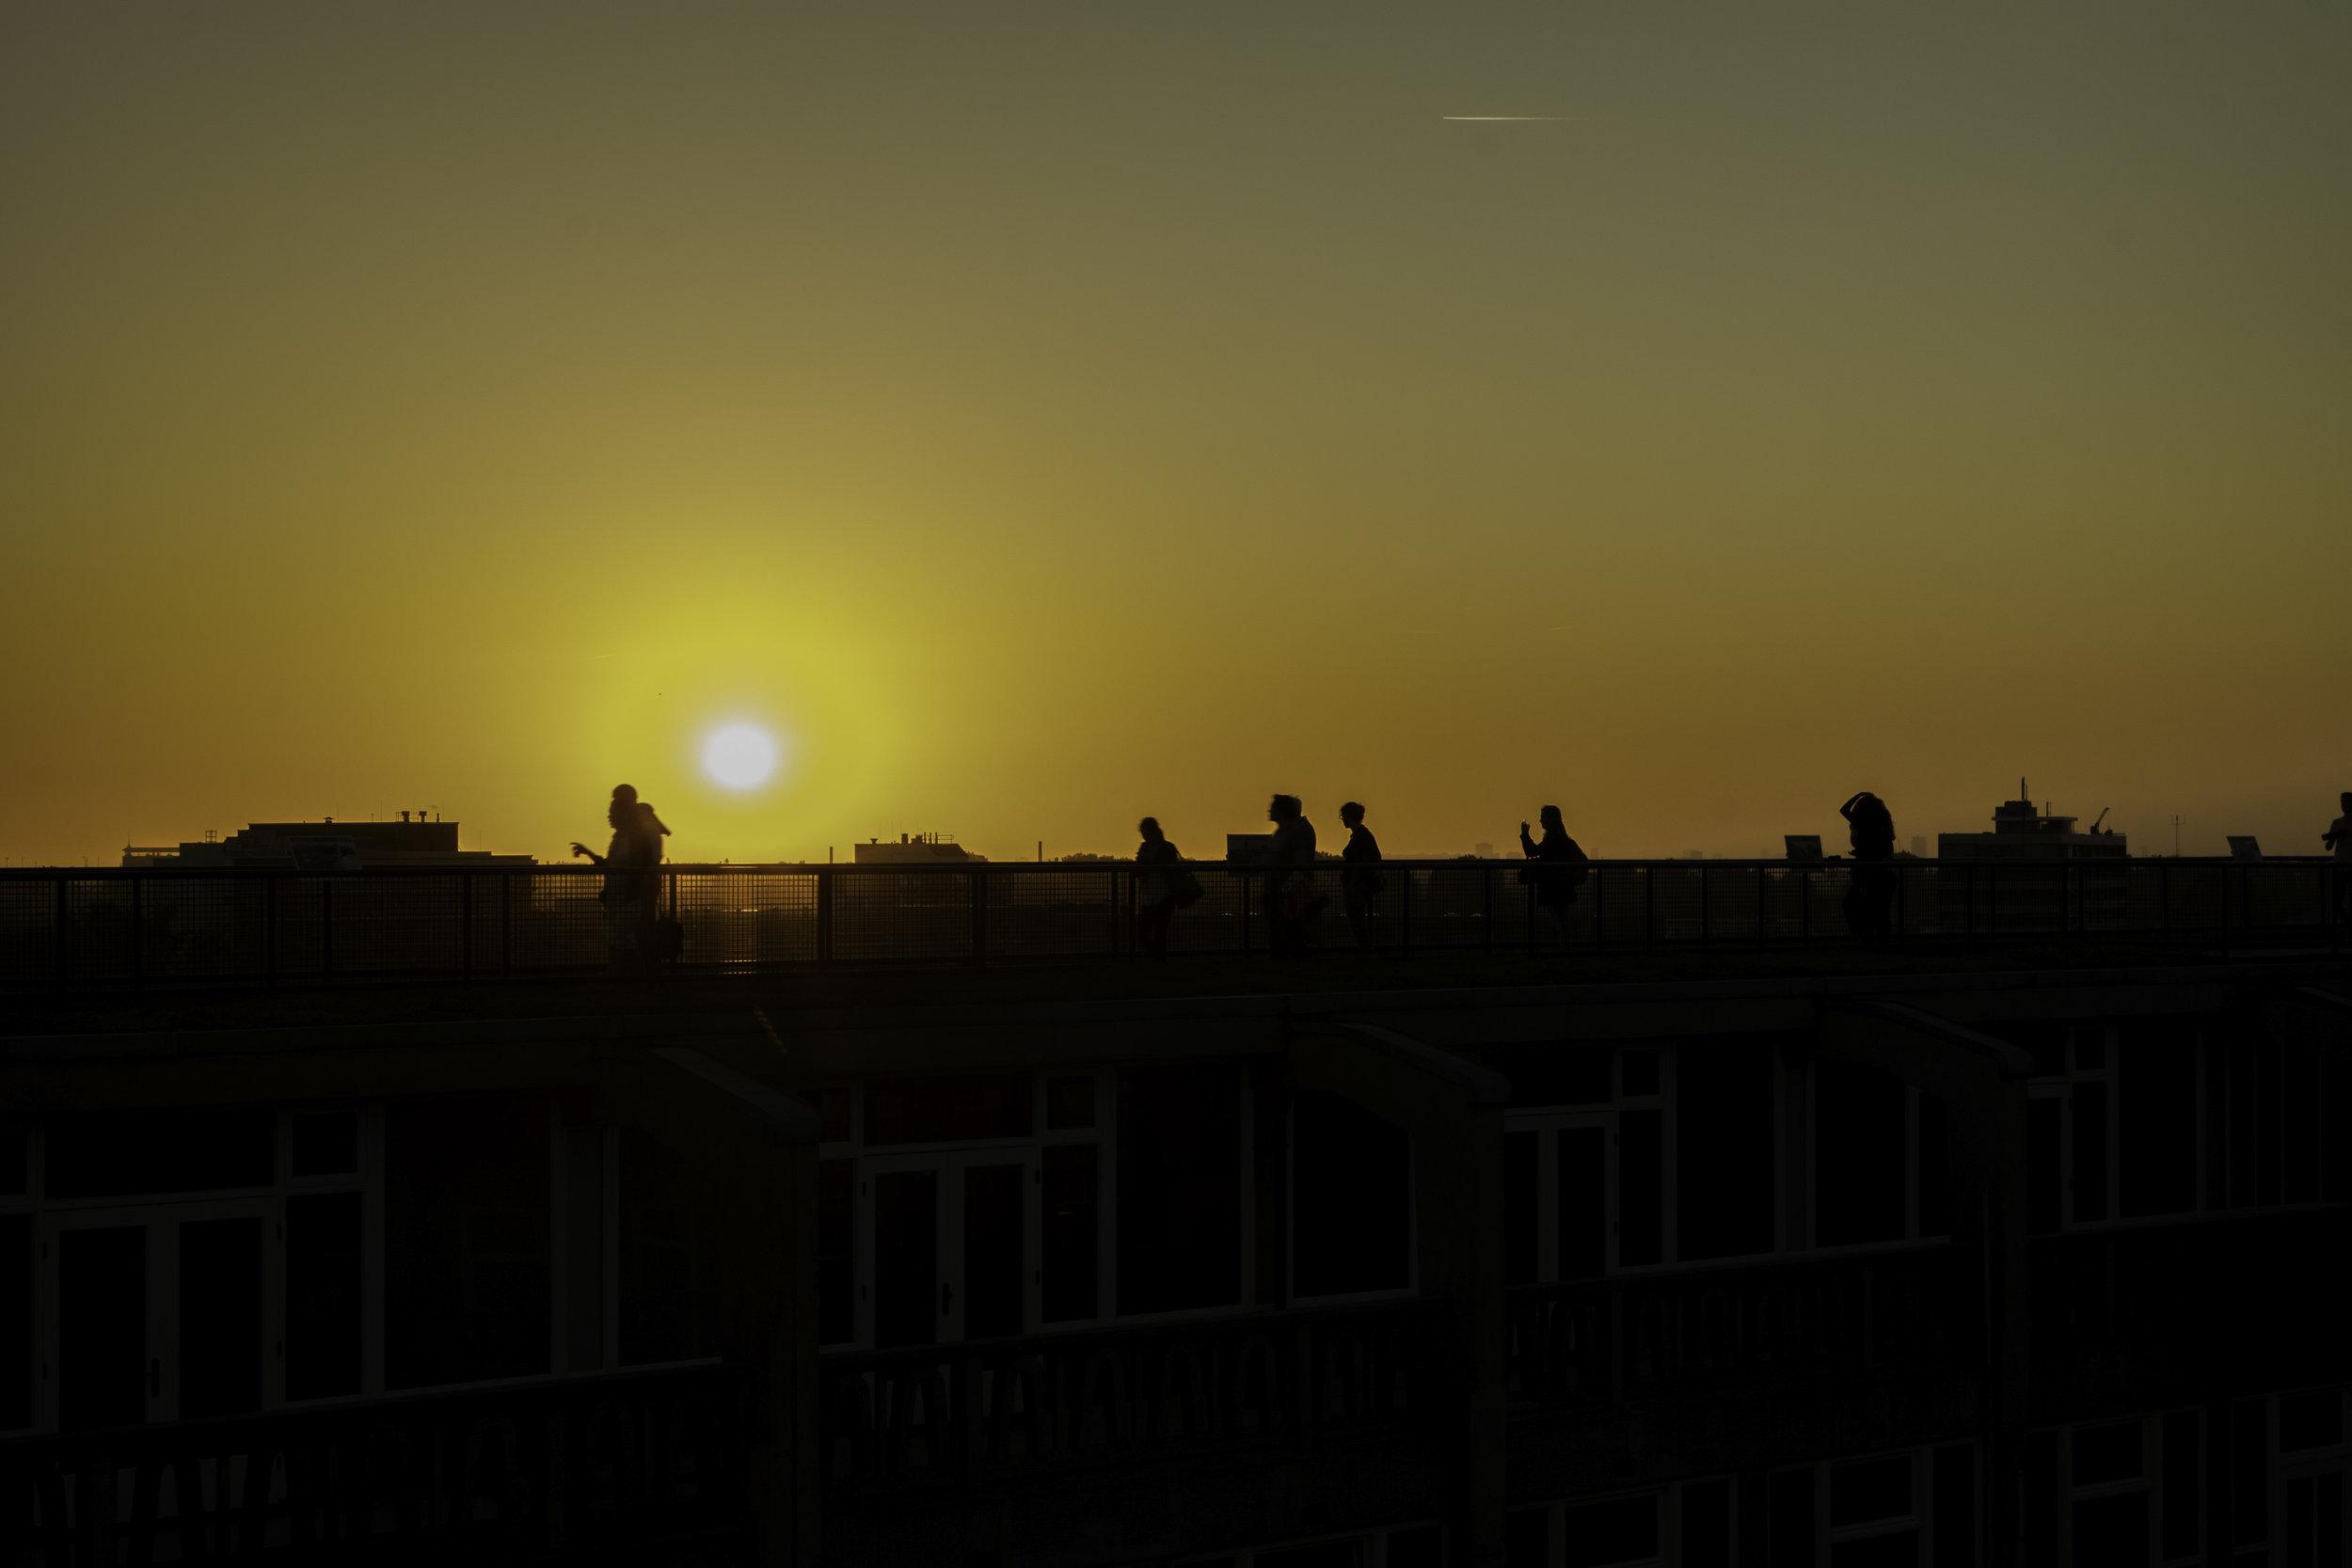 Rotterdam-sunset-black-and-yellow.jpg